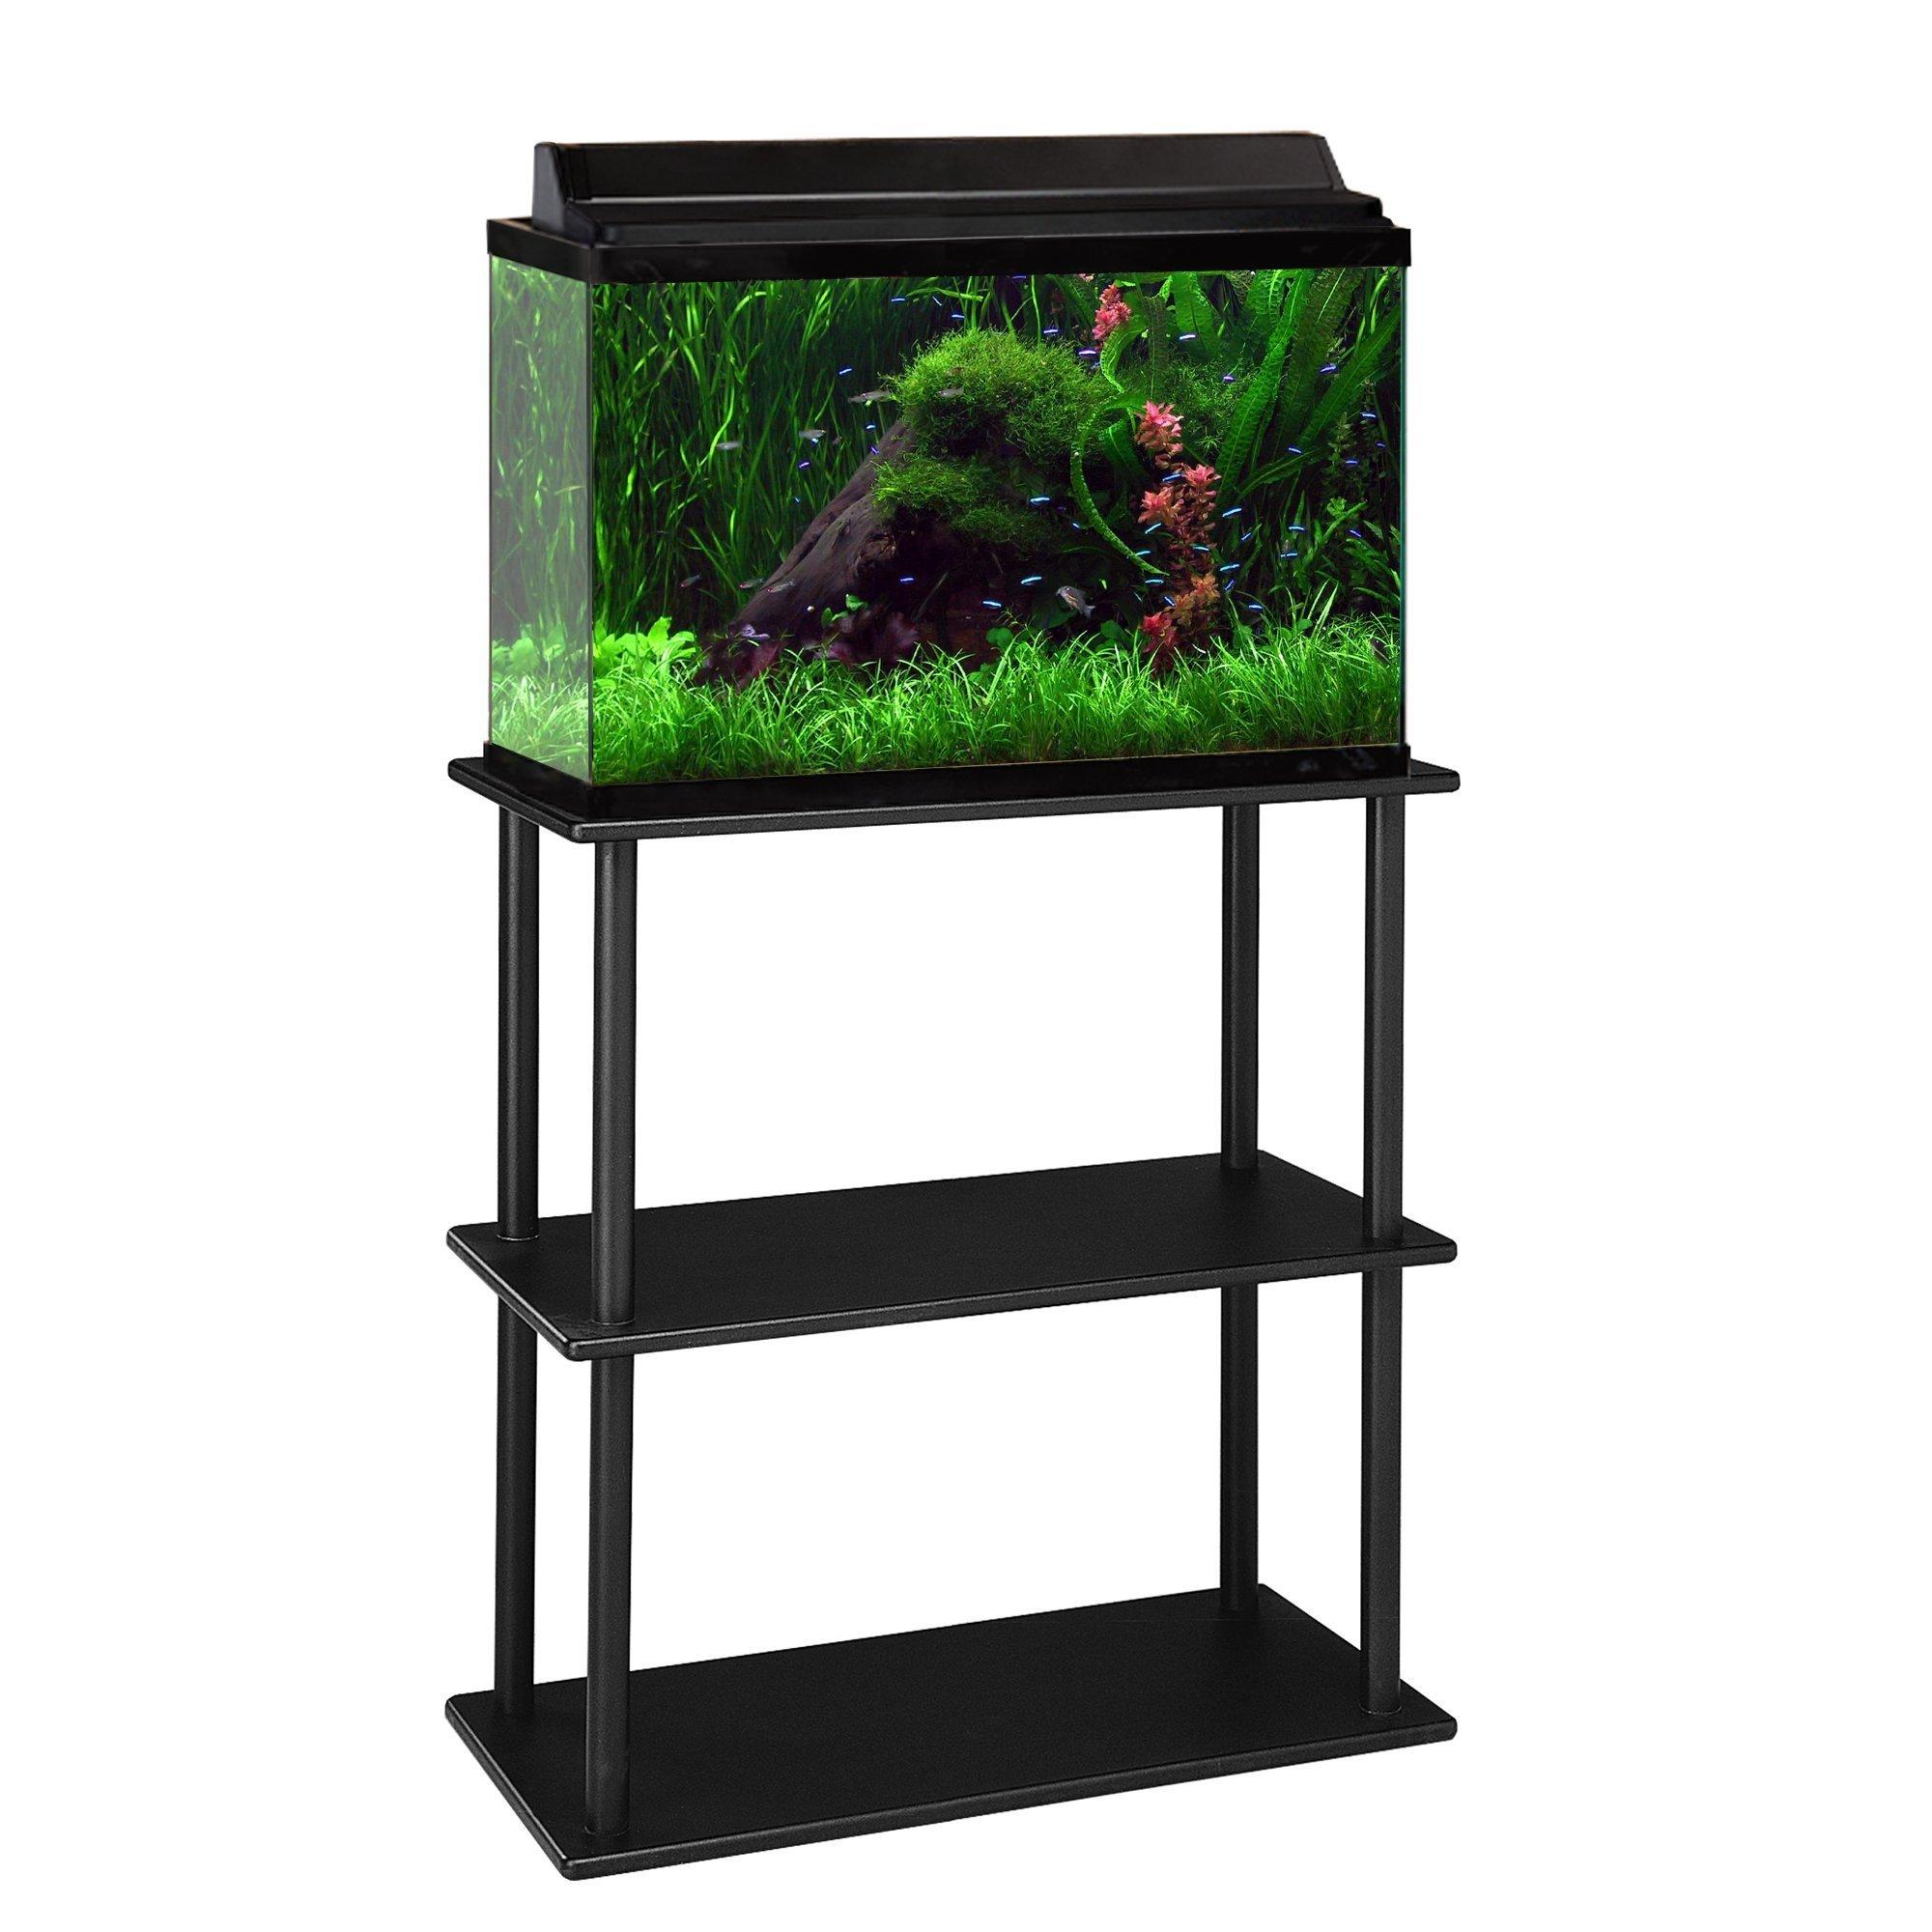 Aquatic Fundamentals 10/20 Gallon Aquarium Stand with Shelf, Black by Aquatic Fundamentals